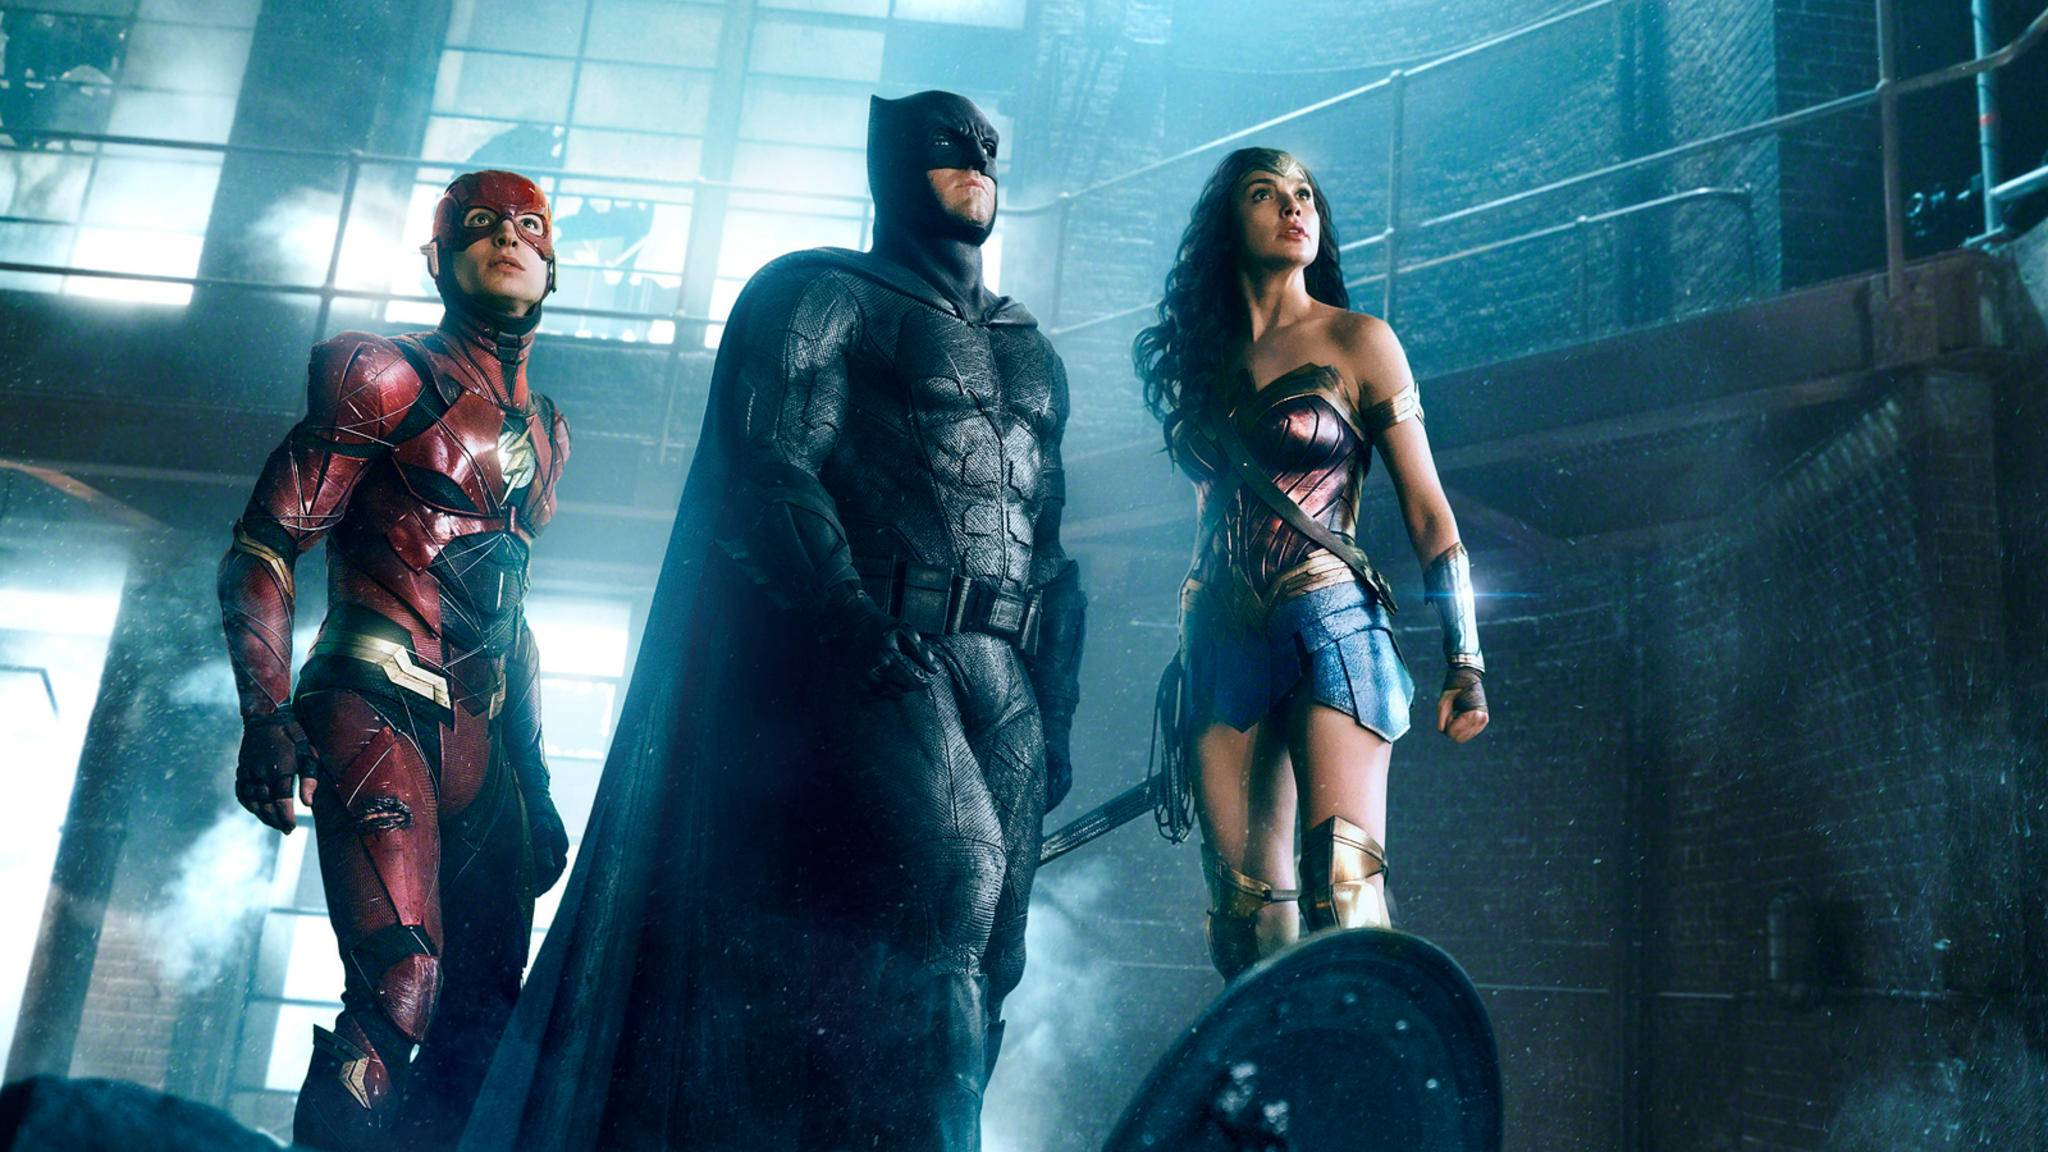 """Braucht die """"Justice League"""" ihre Zeit?"""